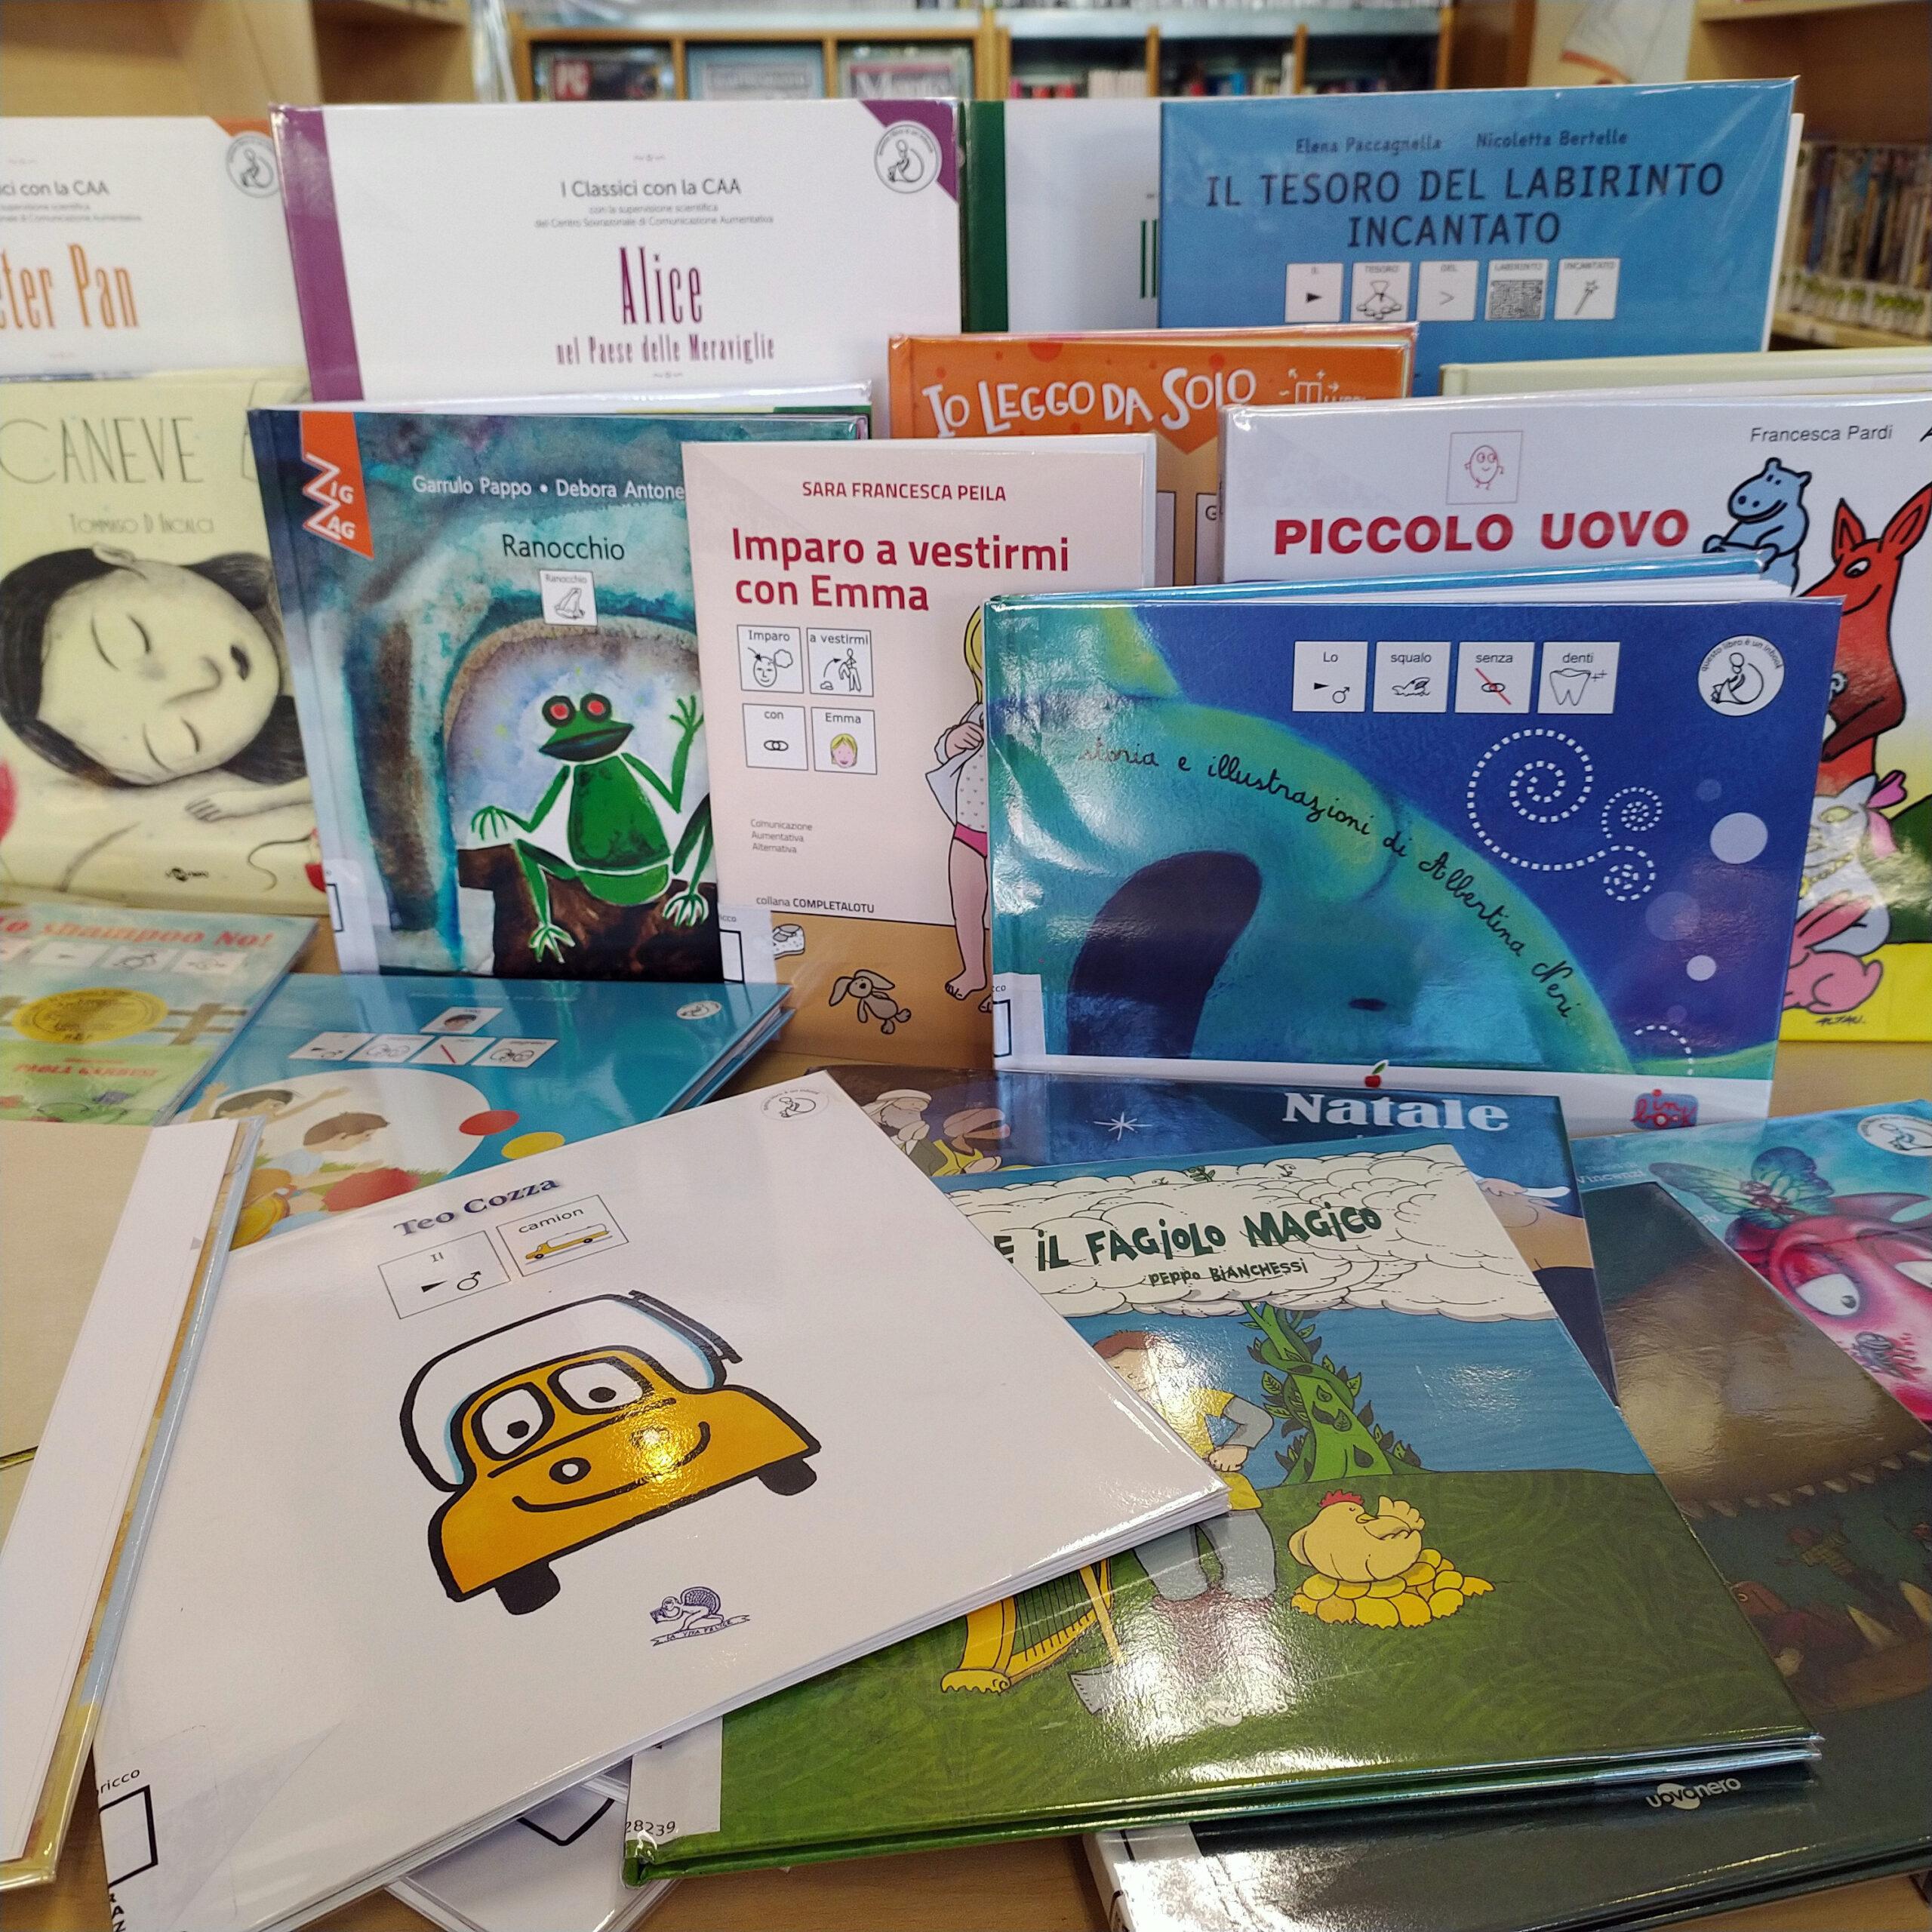 Libri in CAA, per un lettura inclusiva